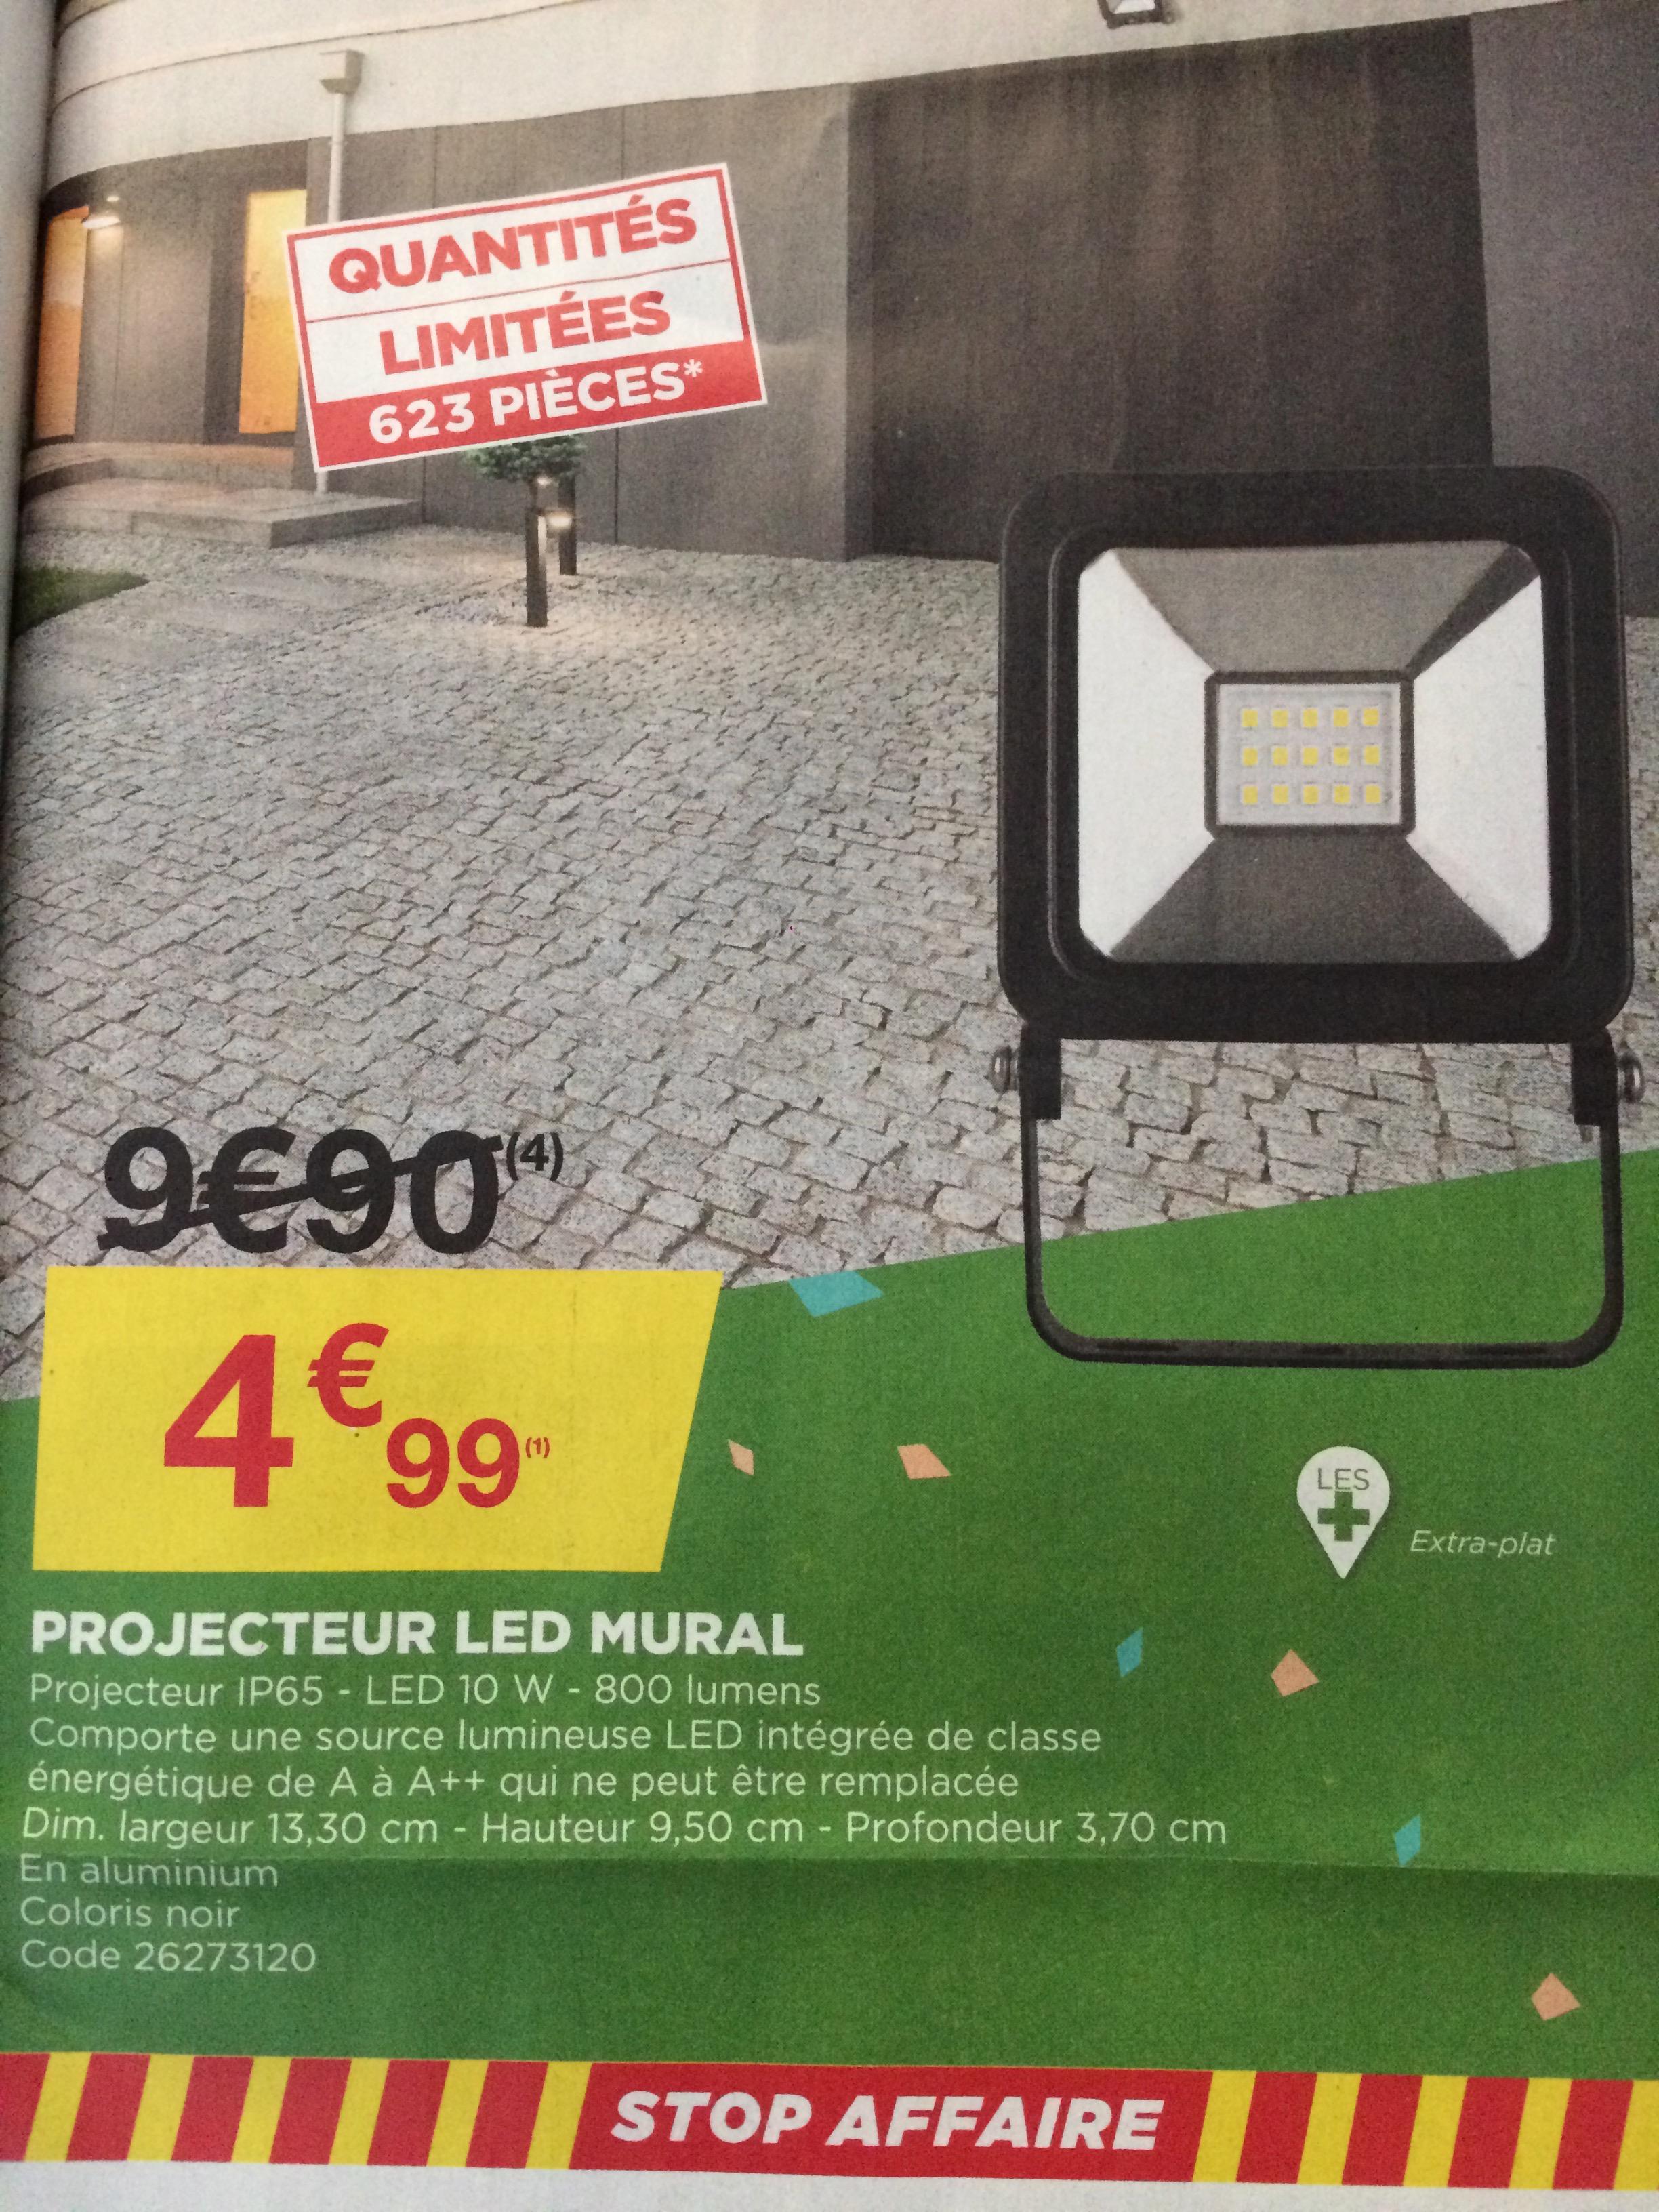 Projecteur led mural - 10W, 800 lumens